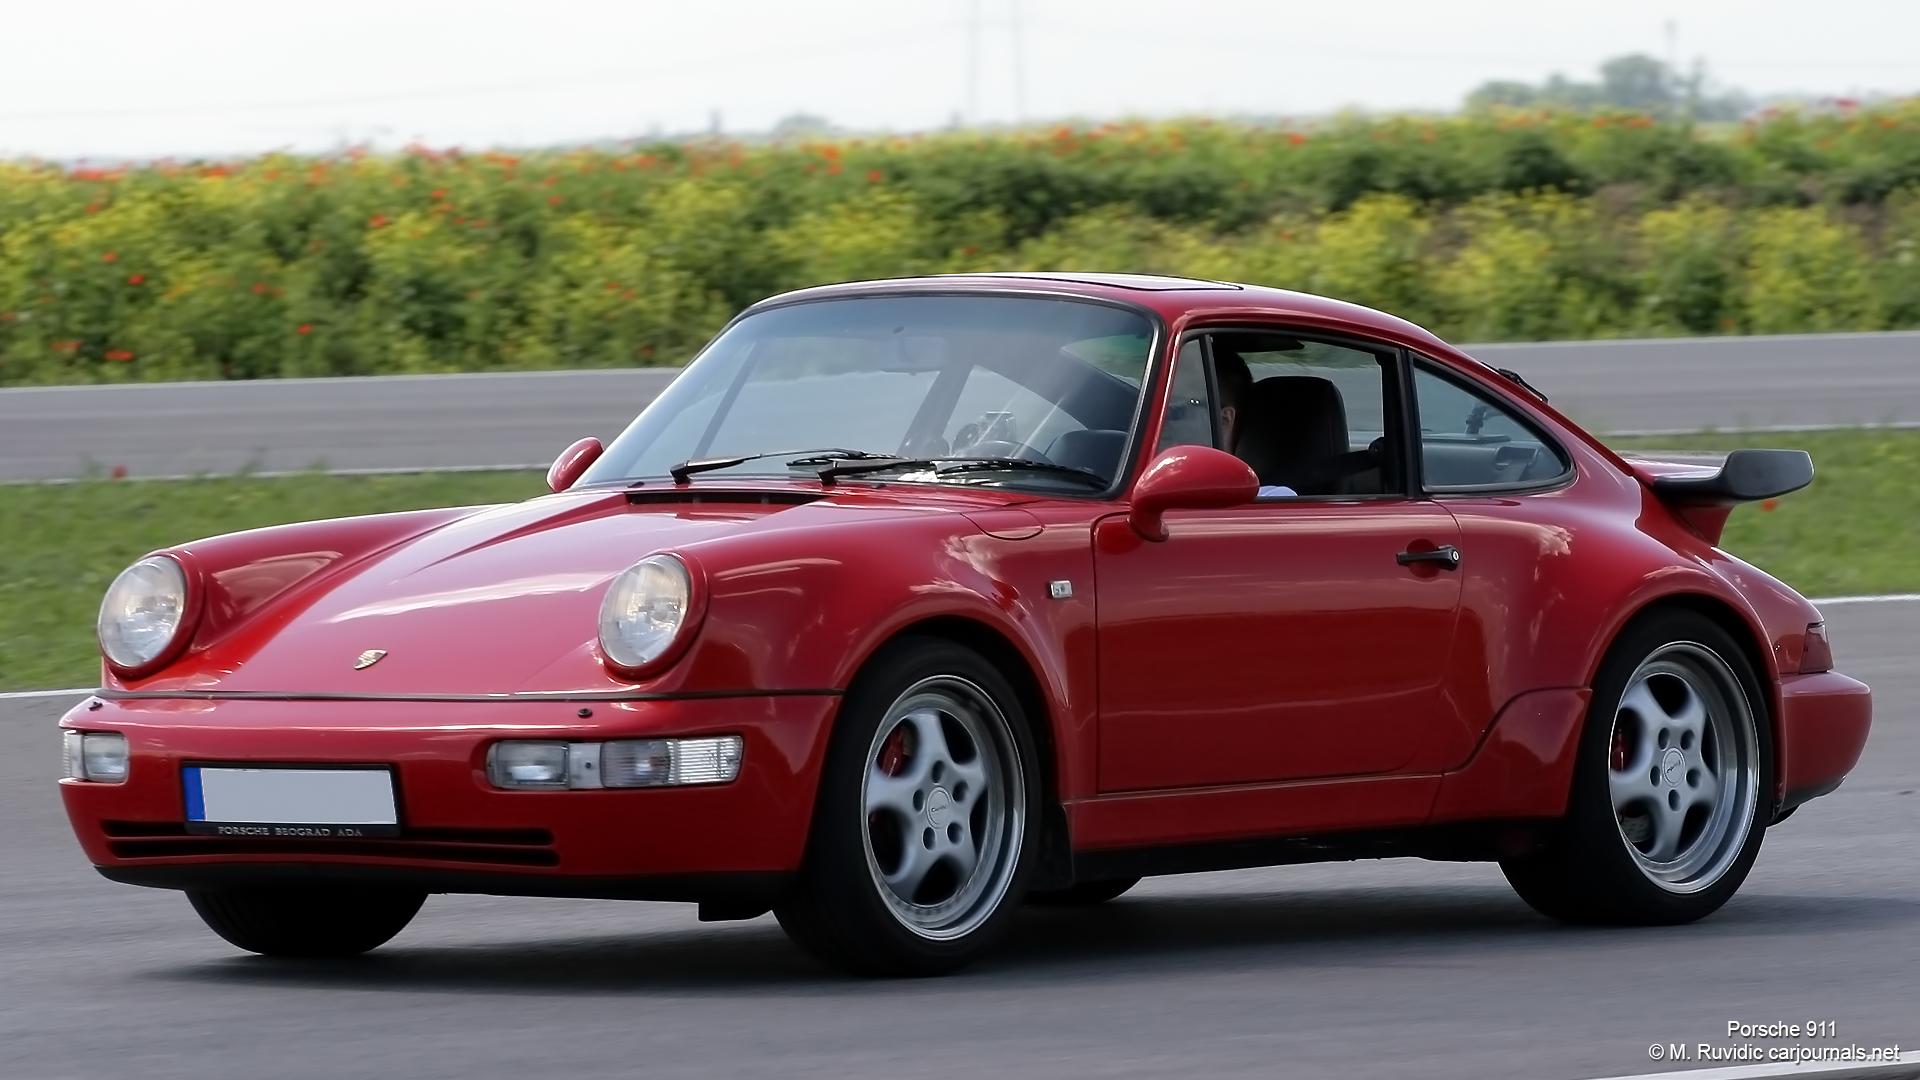 hd car wallpapers – red porsche 911 – car journals